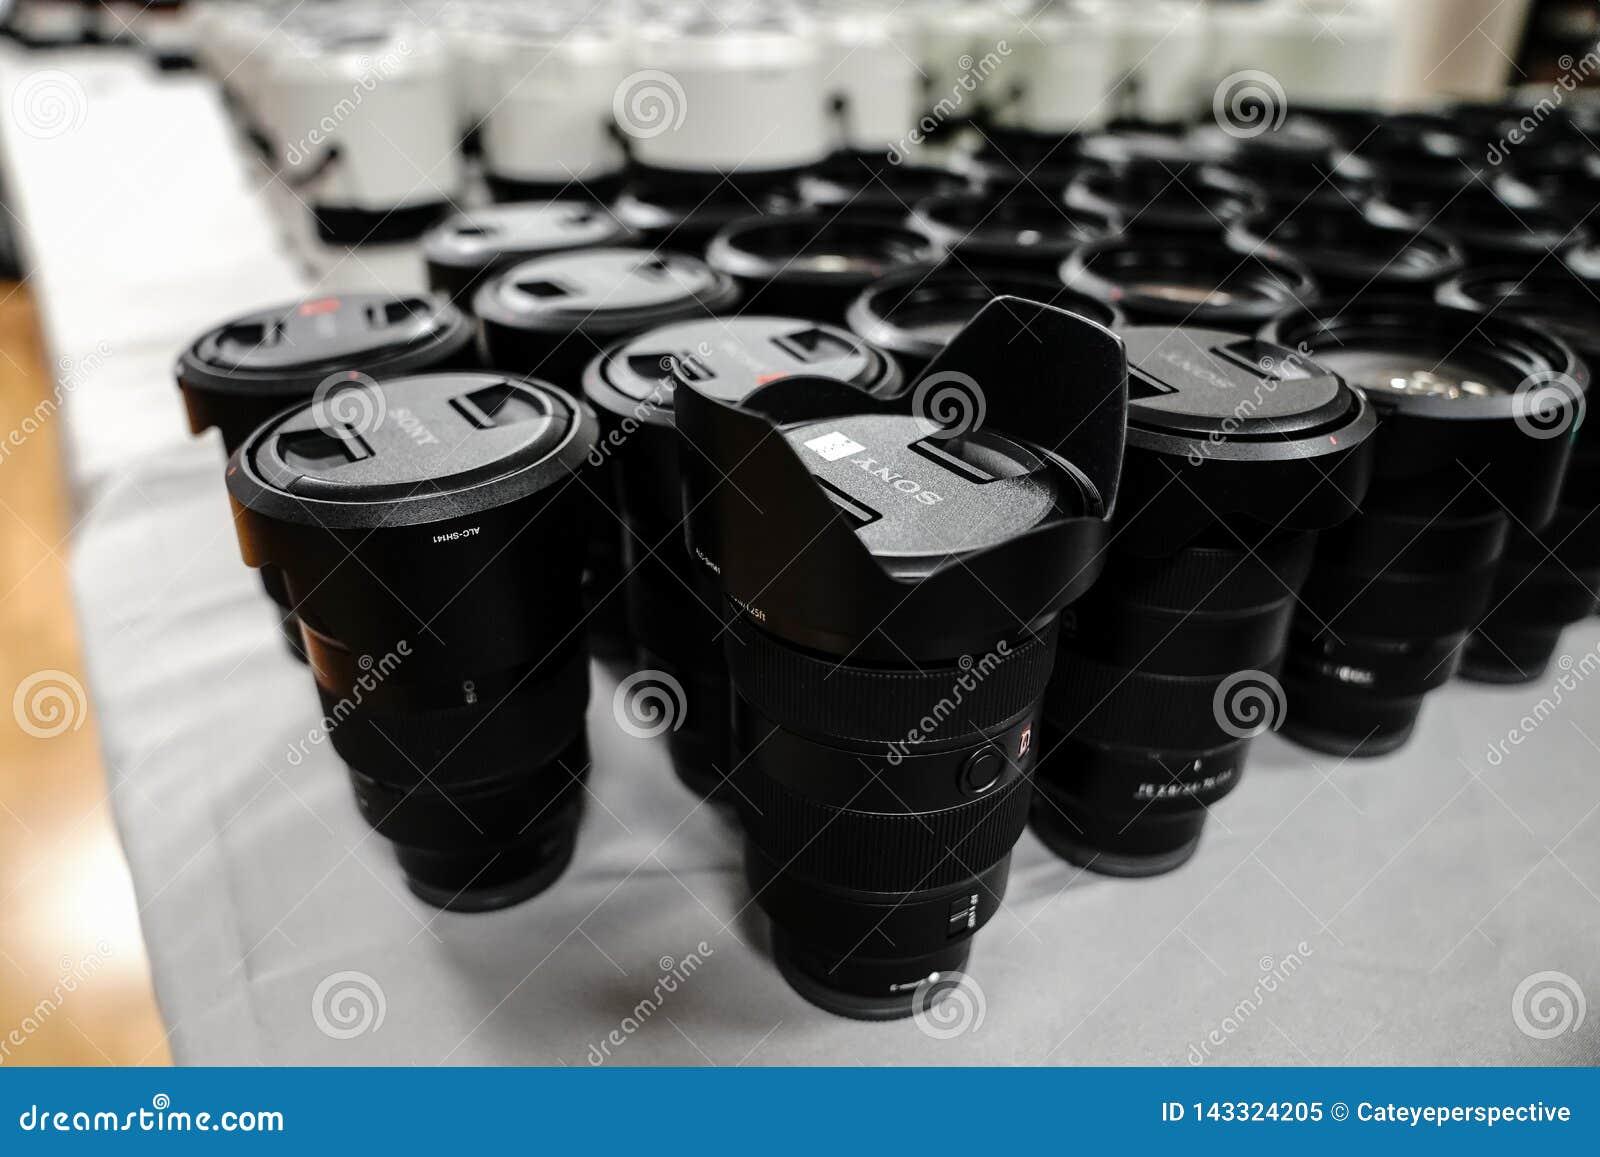 Des lentilles larges de Sony pour l alpha 9 séries sont empilées pendant une conférence pour des photographes